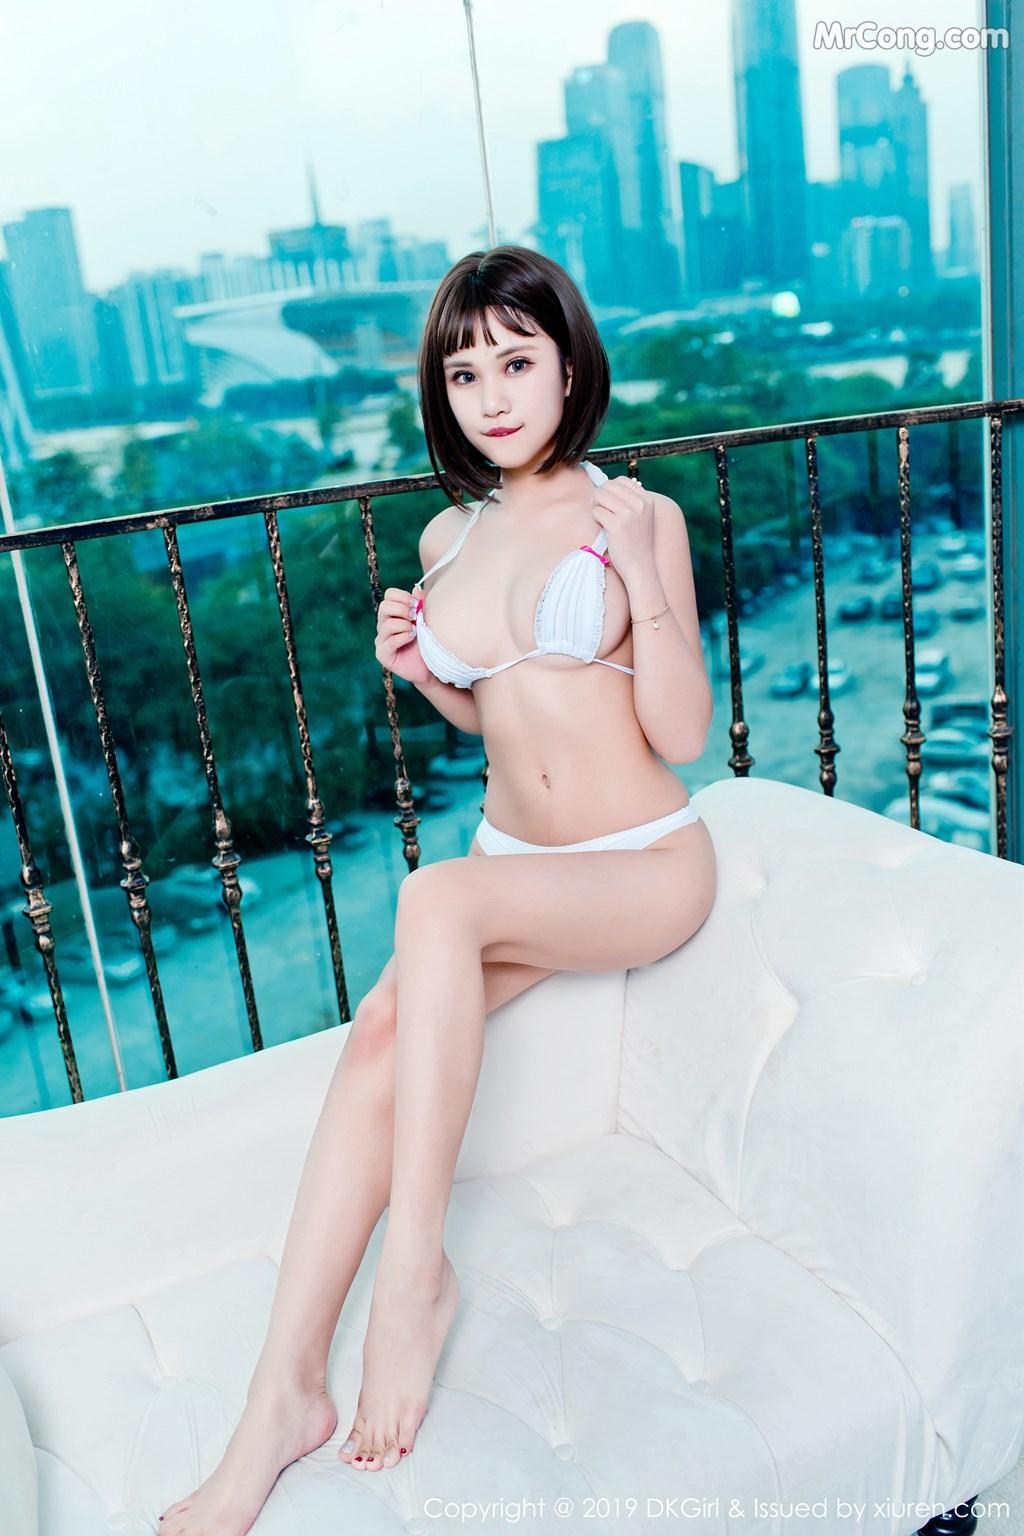 Image DKGirl-Vol.100-Meng-Bao-Er-BoA-MrCong.com-003 in post DKGirl Vol.100: Meng Bao Er (萌宝儿BoA) (51 ảnh)